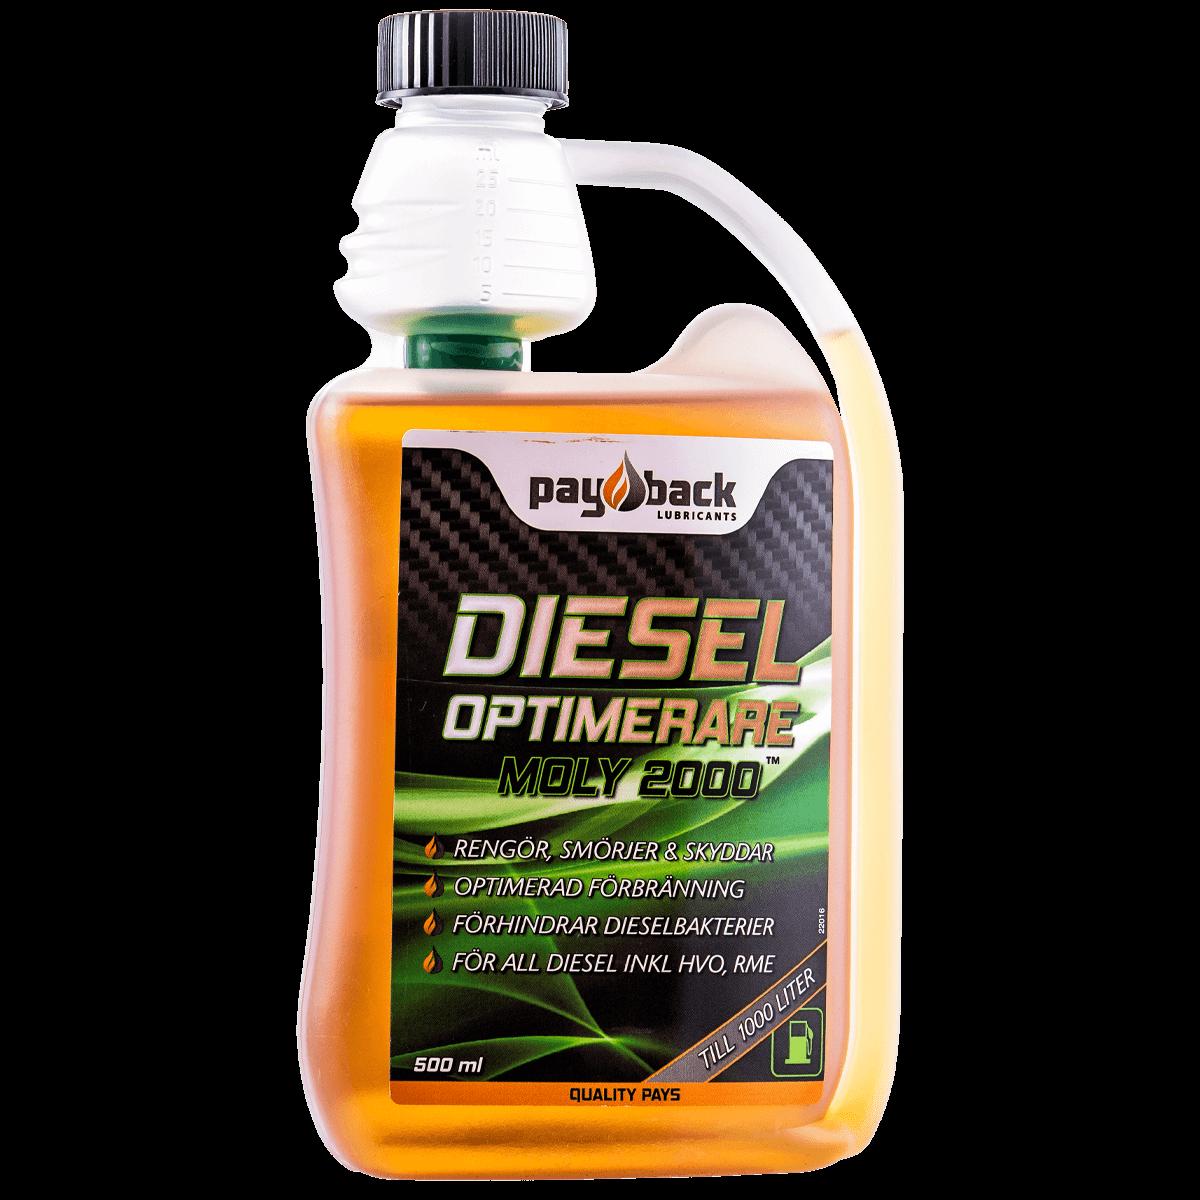 Bränsletillsats - världsmarknadens effektivast dieseladditiv.